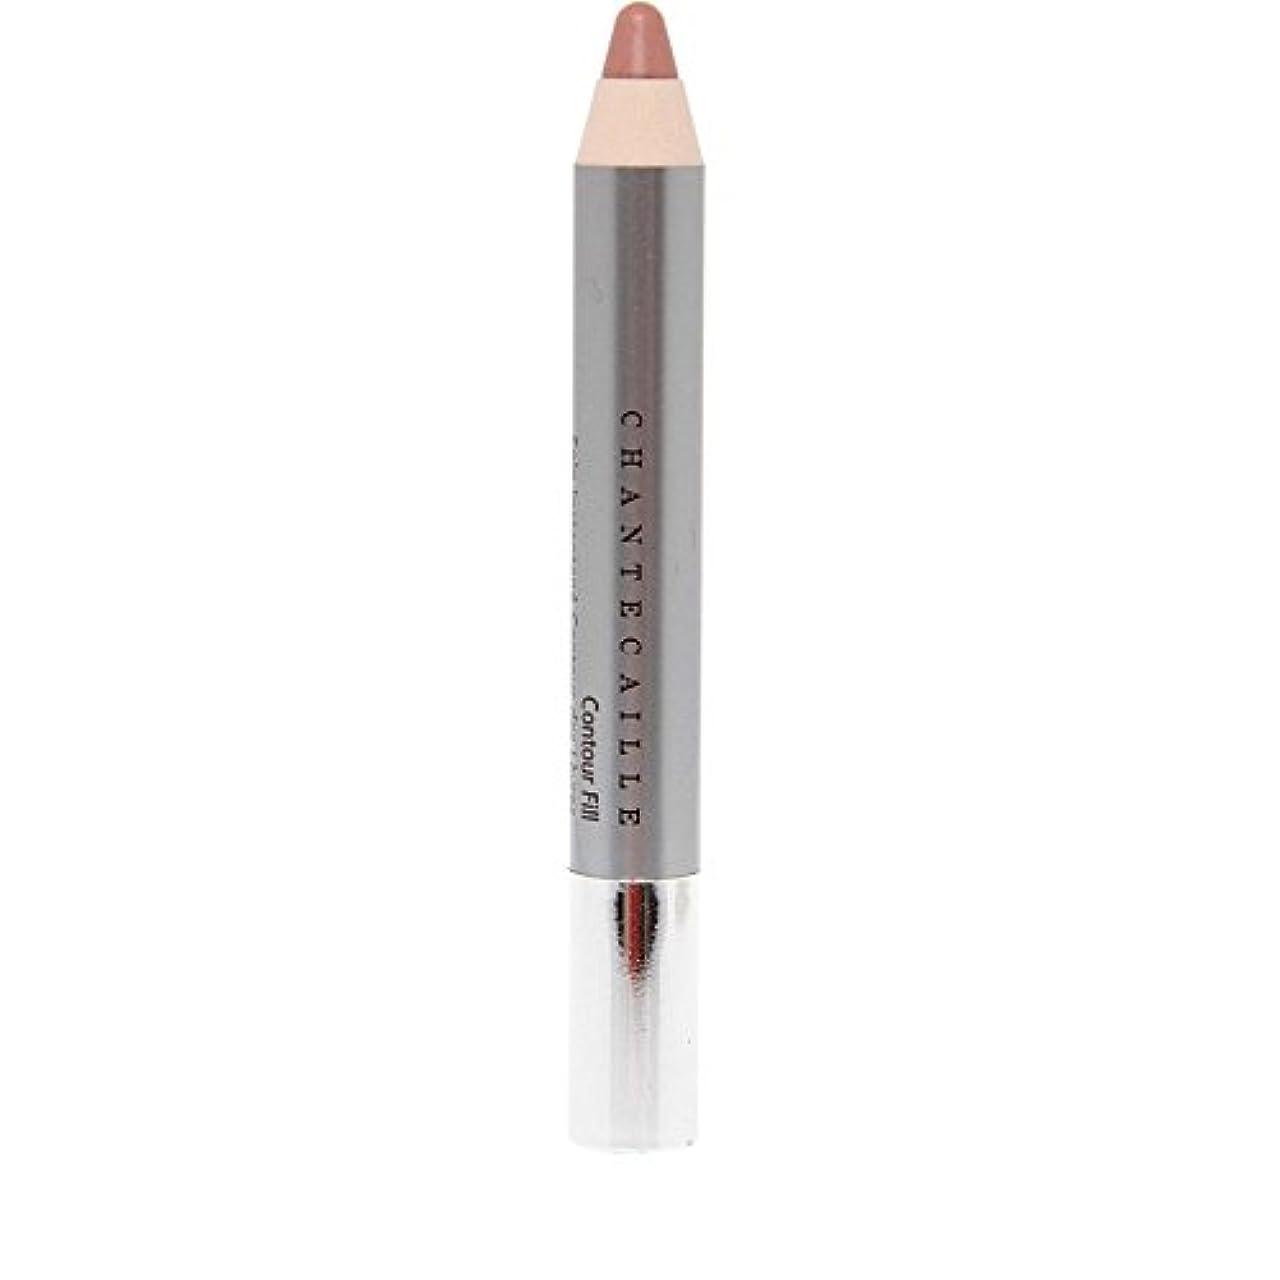 シャープ経過光沢のあるシャンテカイユリップ輪郭フィル鉛筆 x2 - Chantecaille Lip Contour Fill Pencil (Pack of 2) [並行輸入品]